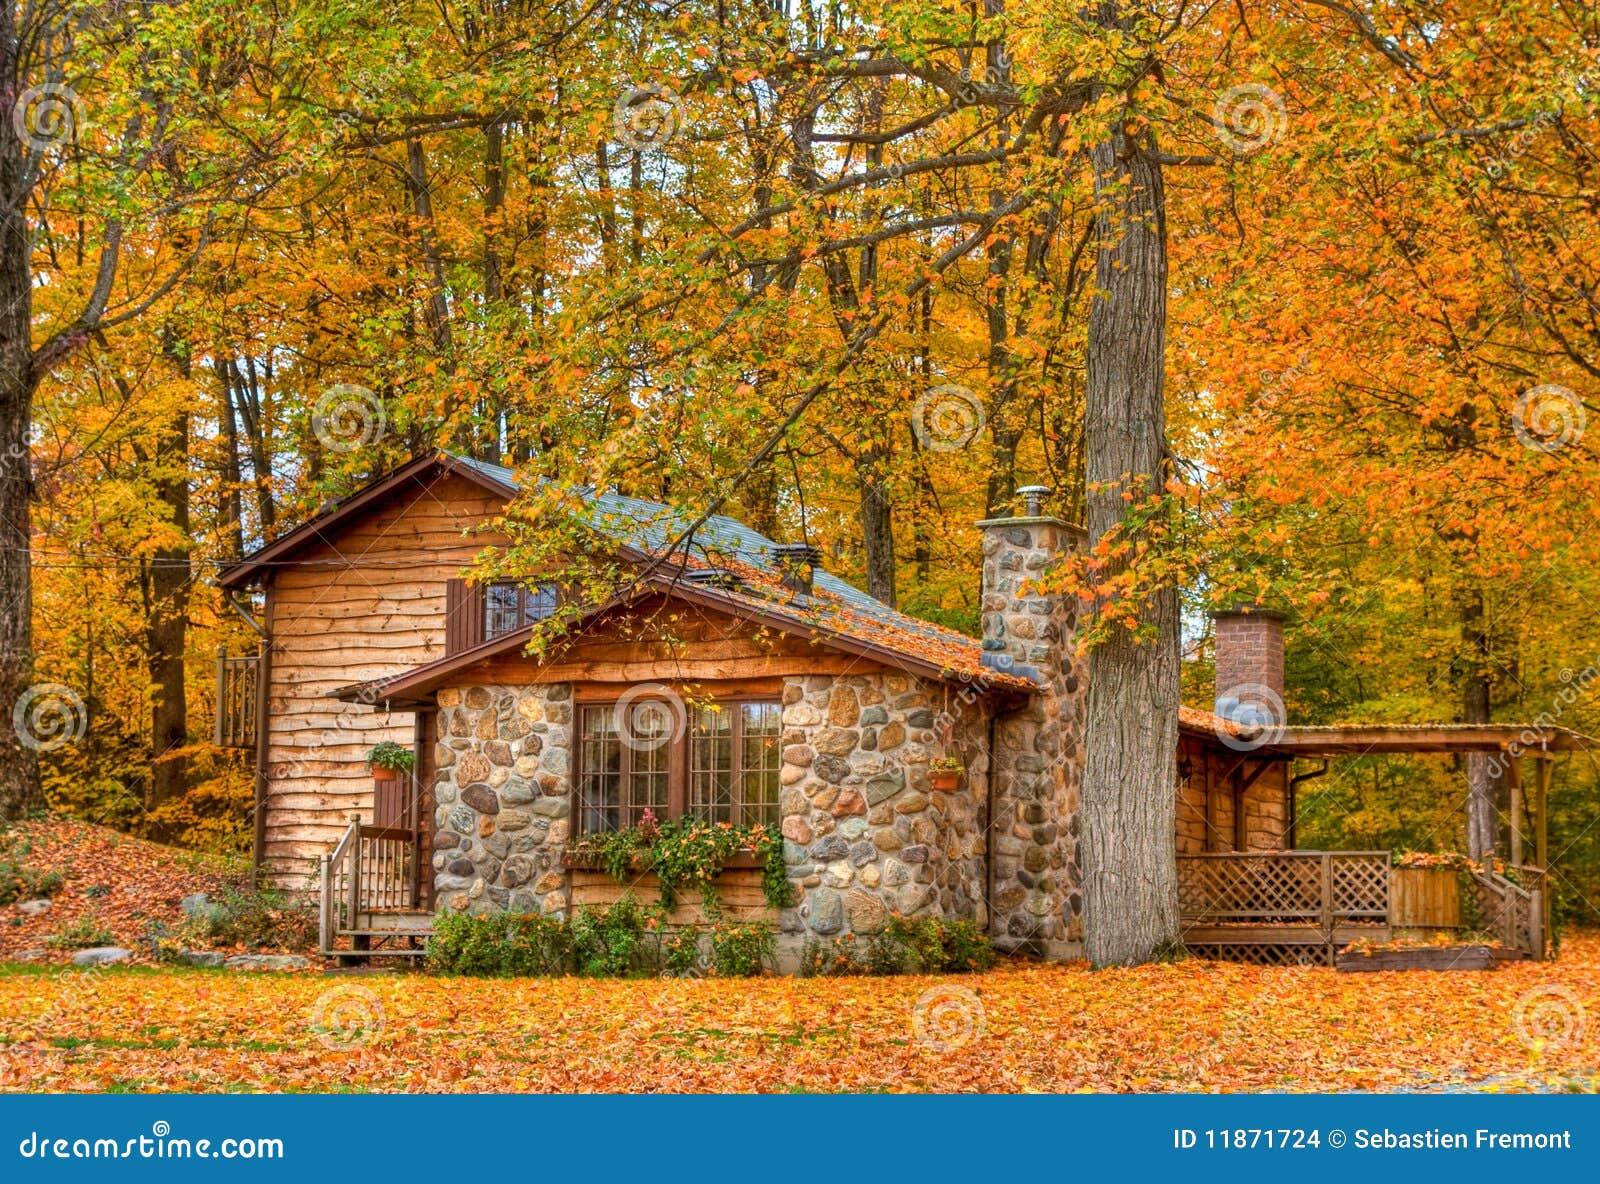 Casa del cottage immagini stock immagine 11871724 for Piani casa bungalow piccolo artigiano